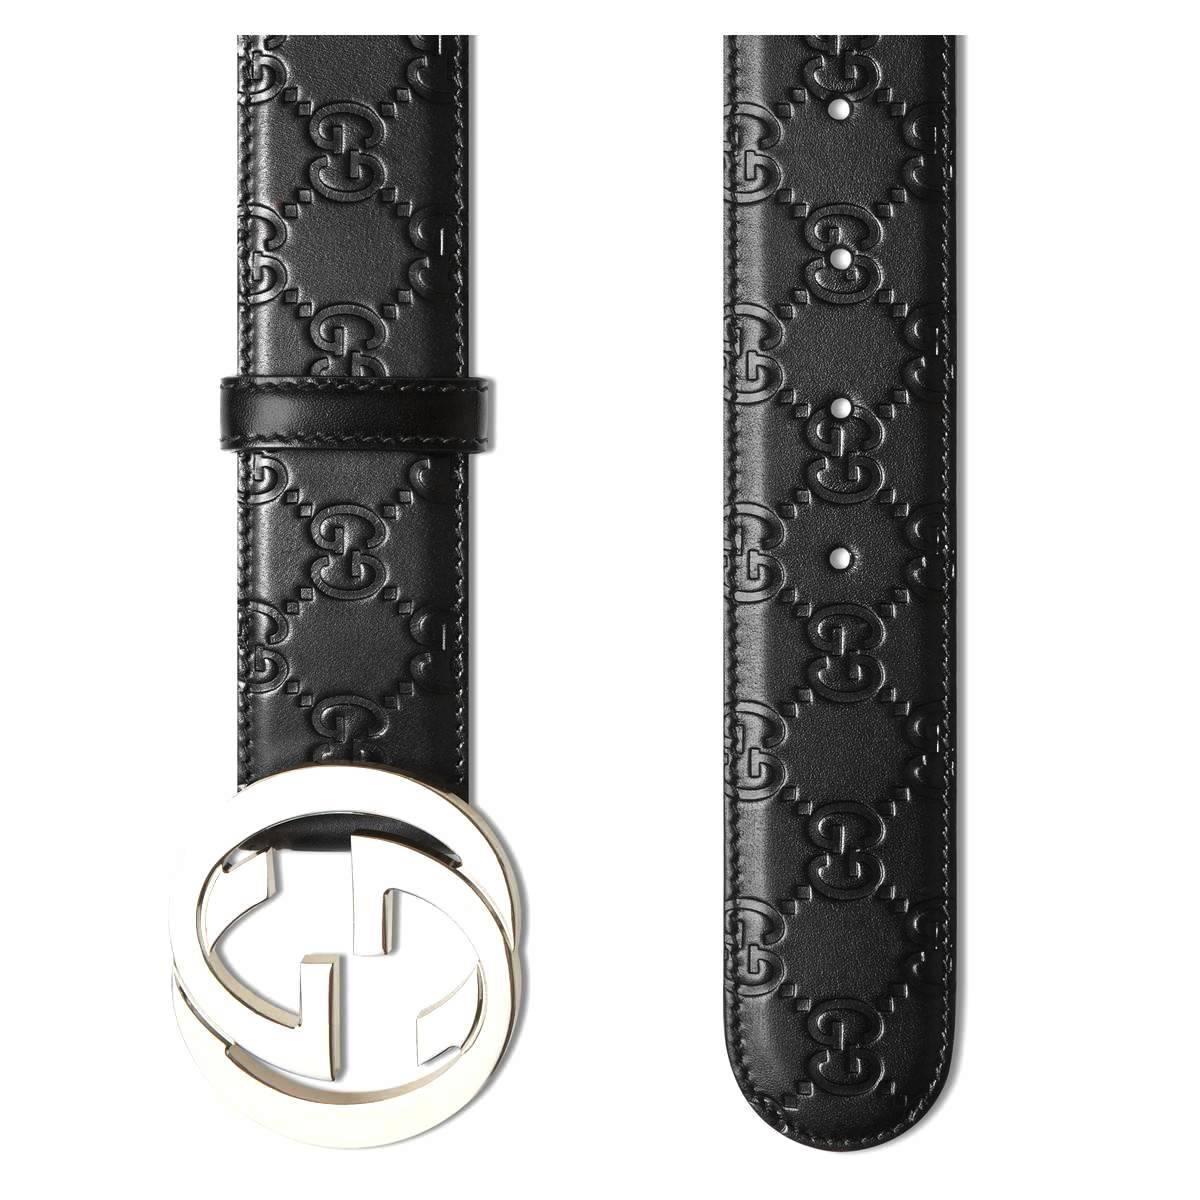 Dây lưng hàng hiệu Gucci khá đa dạng mẫu mã, cho bạn cơ hội lựa chọn thỏa thích